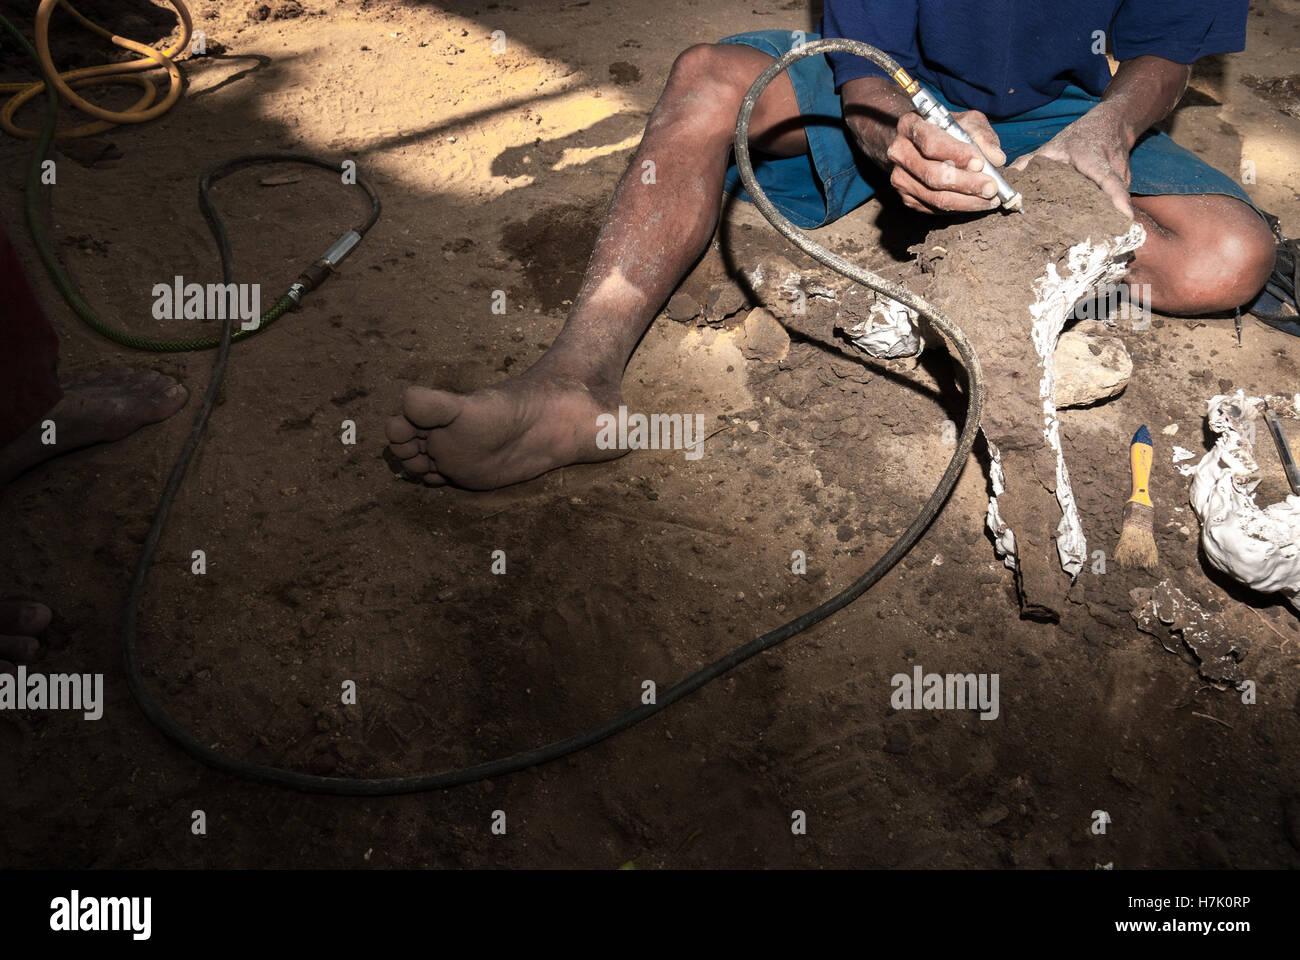 El trabajador es mediante aire abrasivo para limpiar una herramienta envuelto fósil. Imagen De Stock